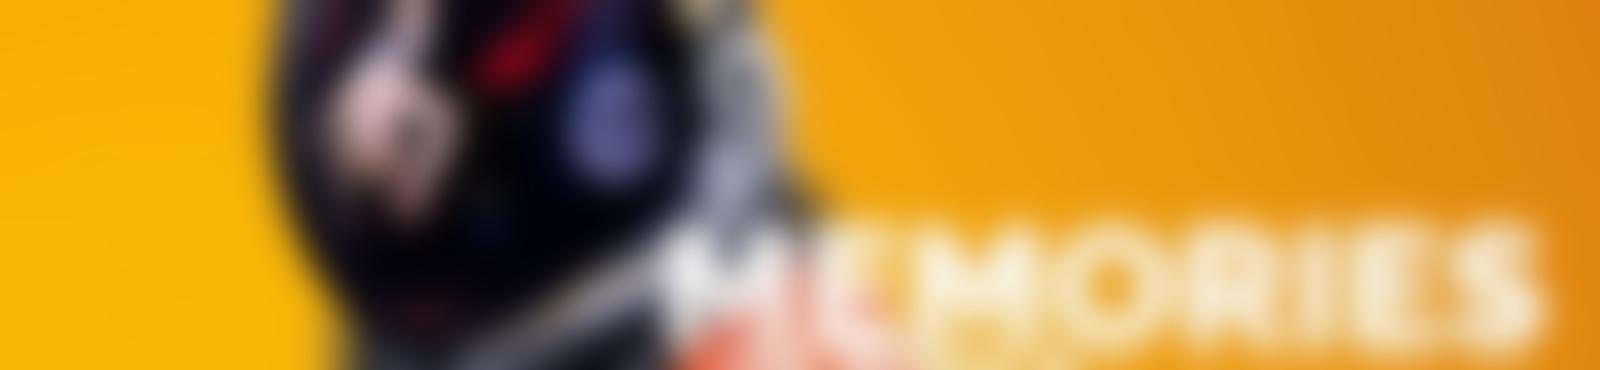 Blurred ab5dc6d1 0596 4ab2 b35e 8bb6560c9a9c